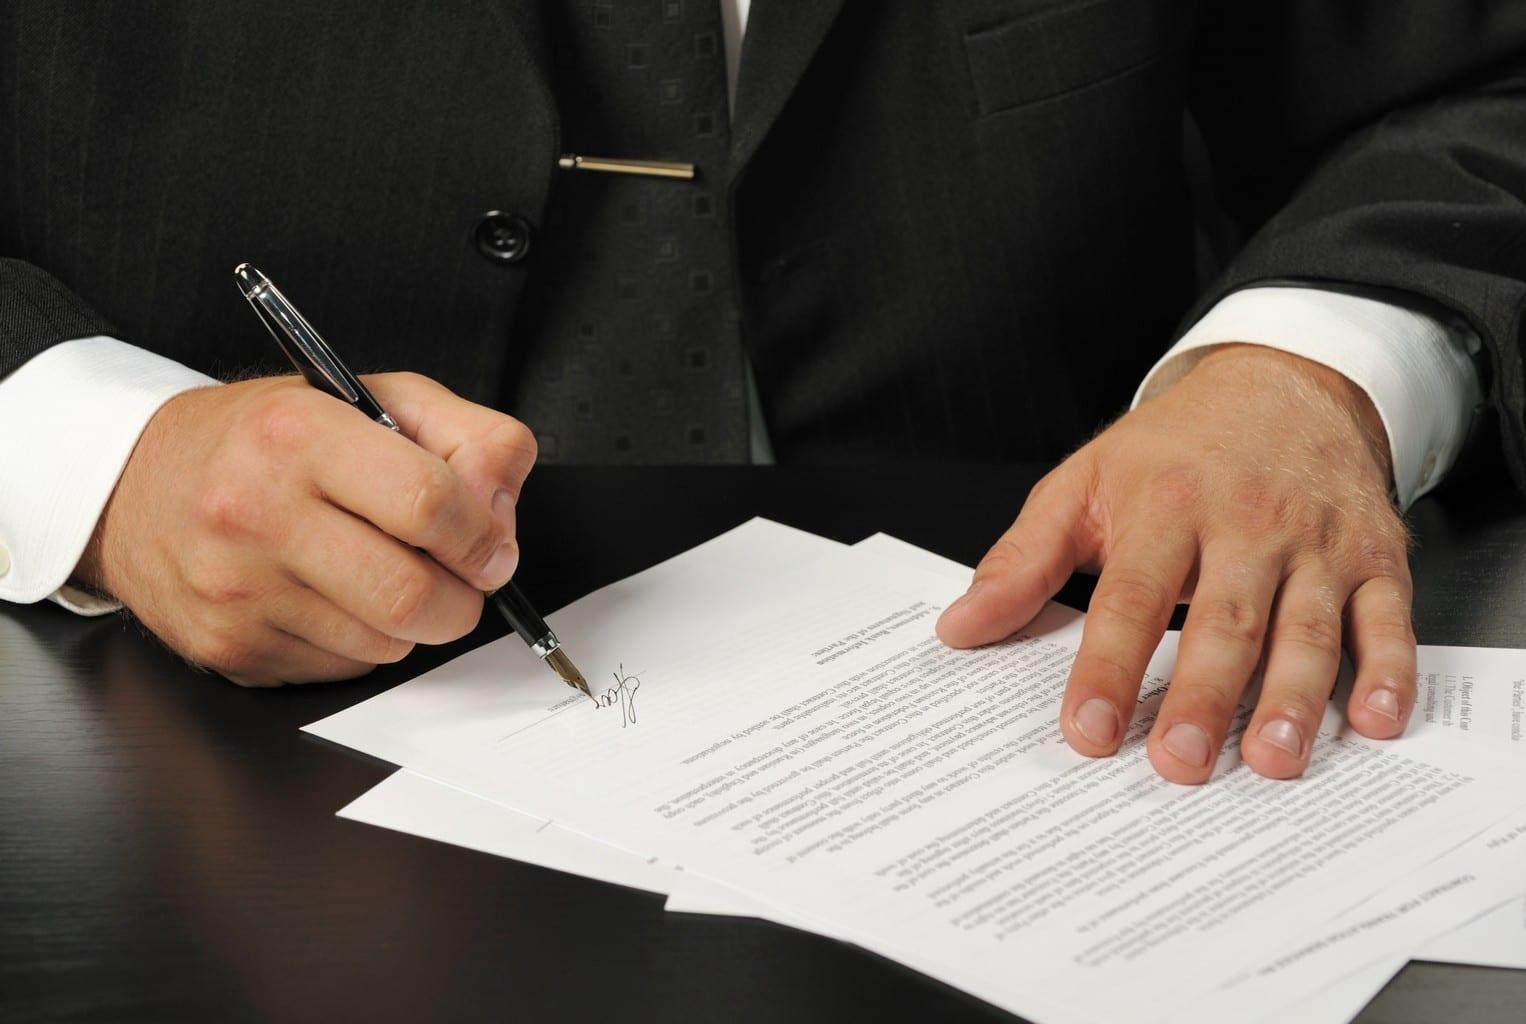 signé un contrat de travail Contrat de travail pour un étranger au Maroc signé un contrat de travail